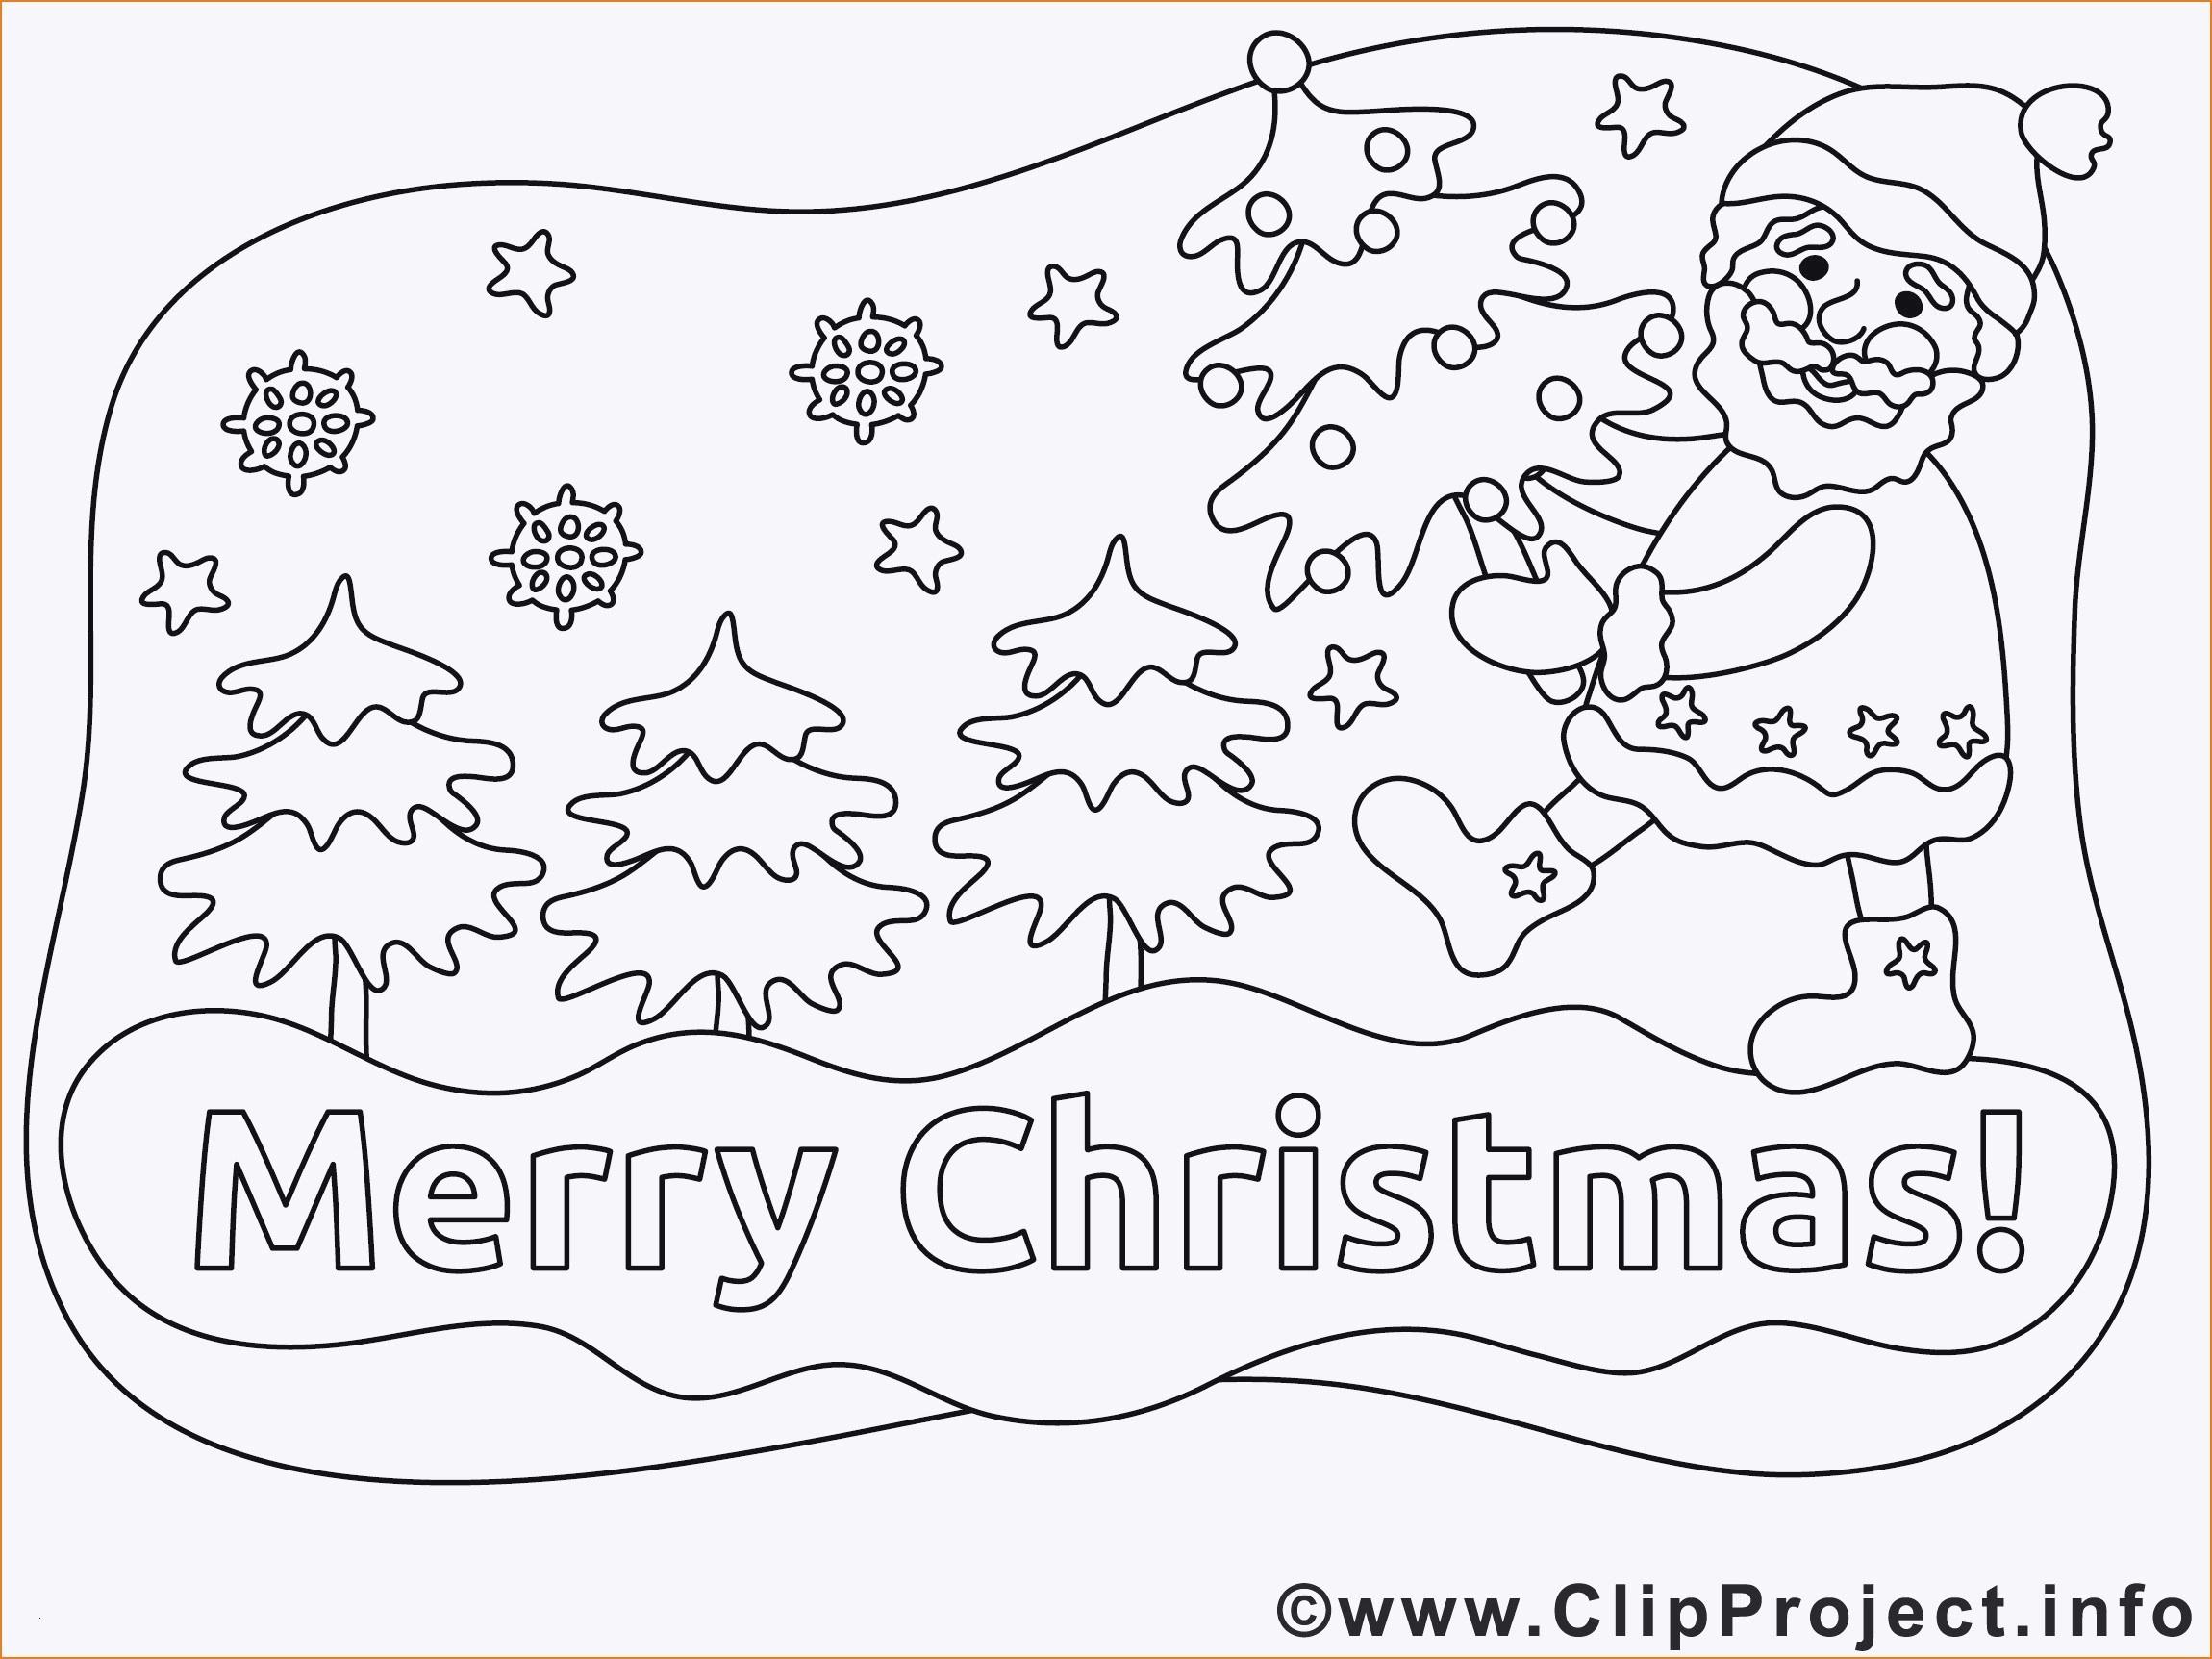 Ausmalbilder Weihnachten - Malvorlagen Für Kinder mit Weihnachten Ausmalbilder